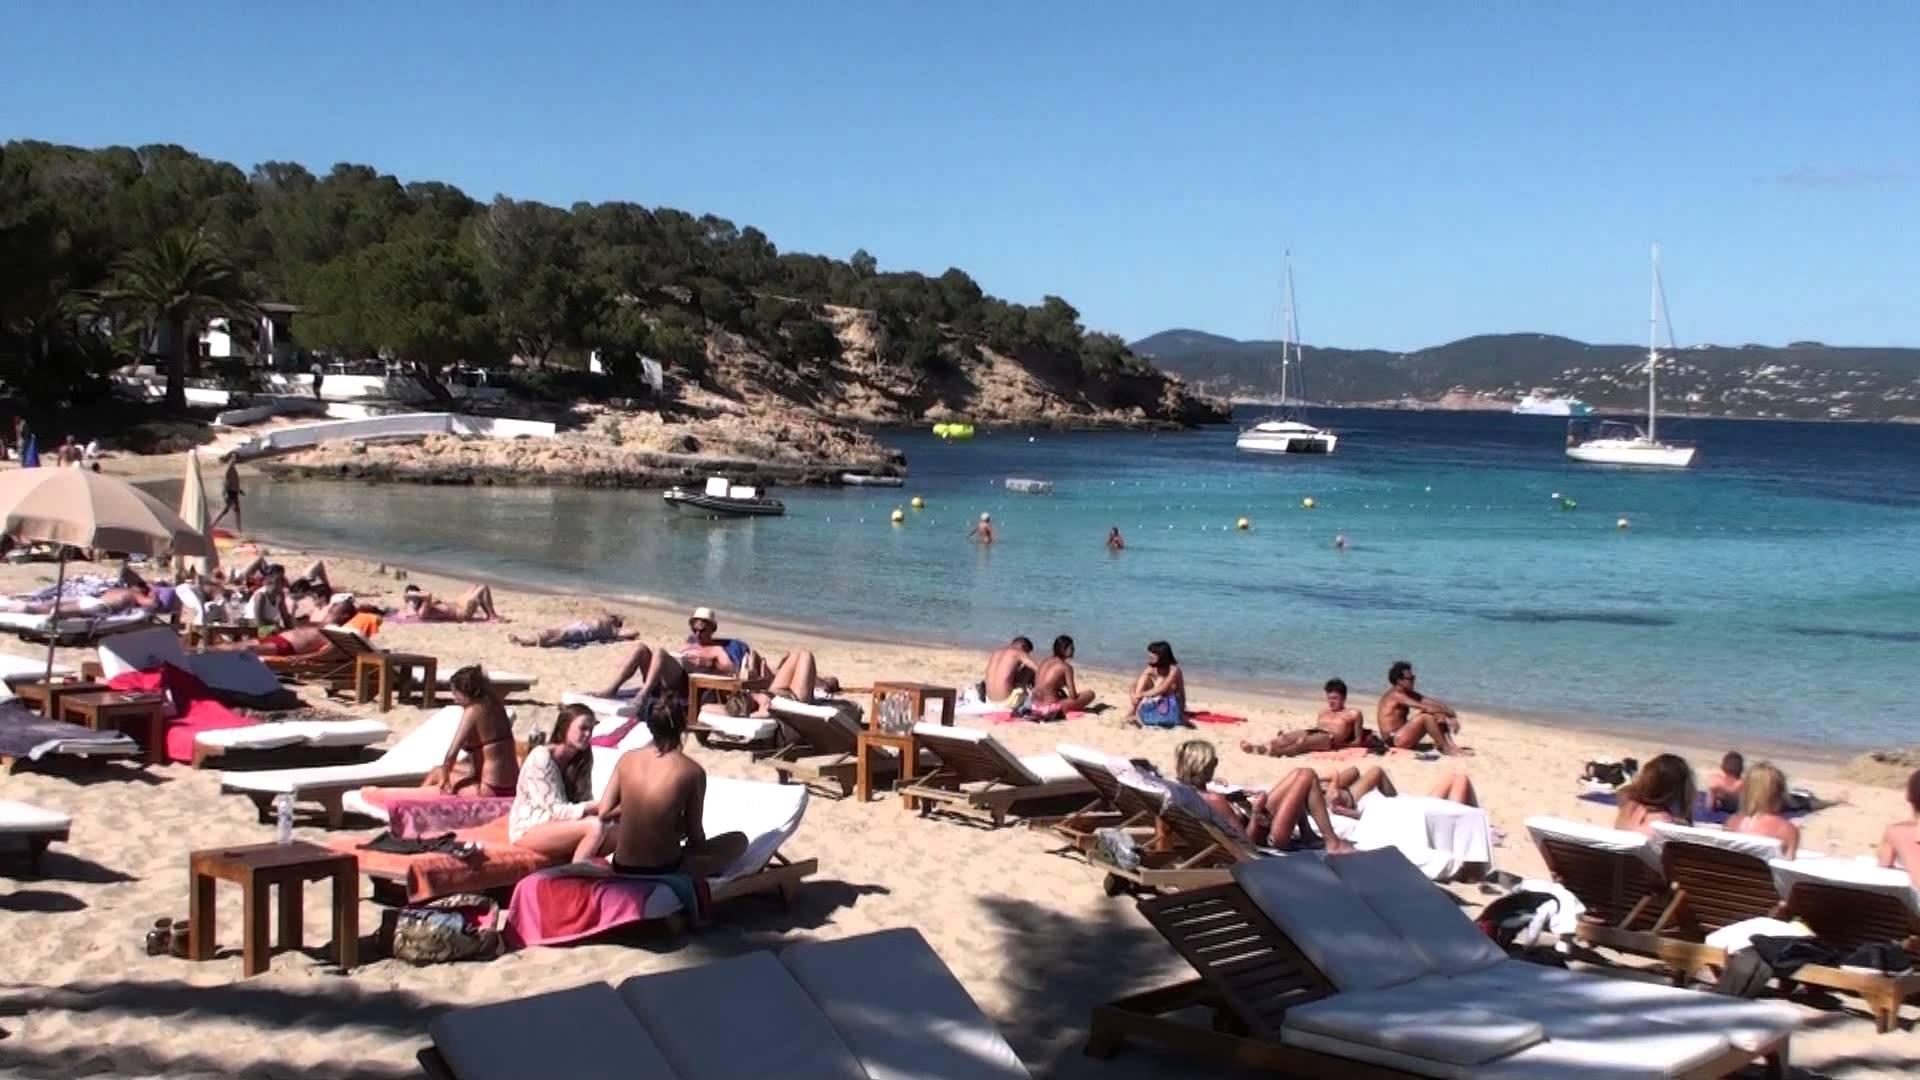 cala bassa 3 jpg Alquiler de barcos veleros catamaranes yates lanchas motoras Alquiler de barcos en Ibiza y Formentera Mallorca Valencia